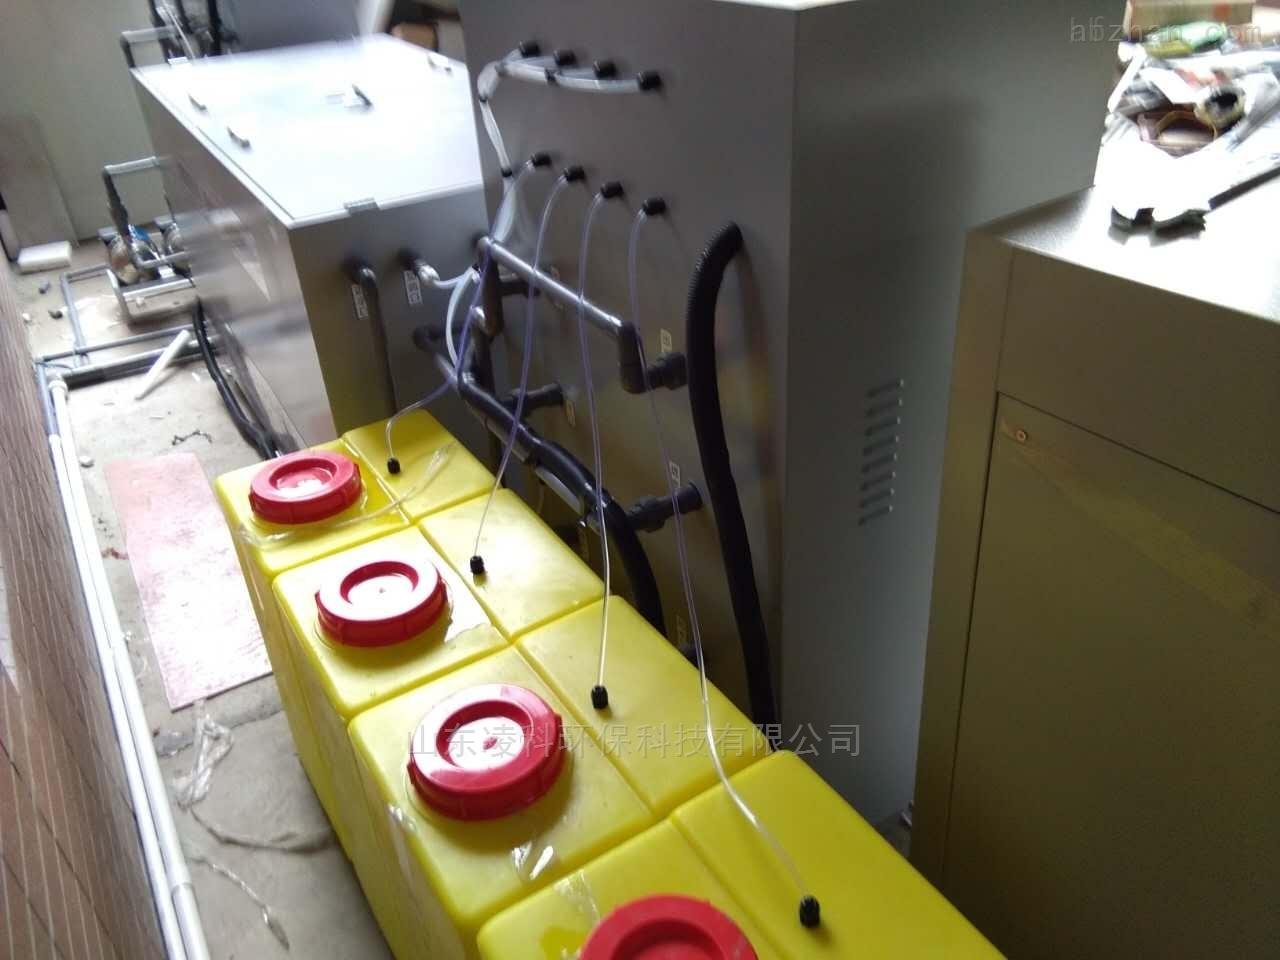 营口化学实验室污水处理小型设备报价参数